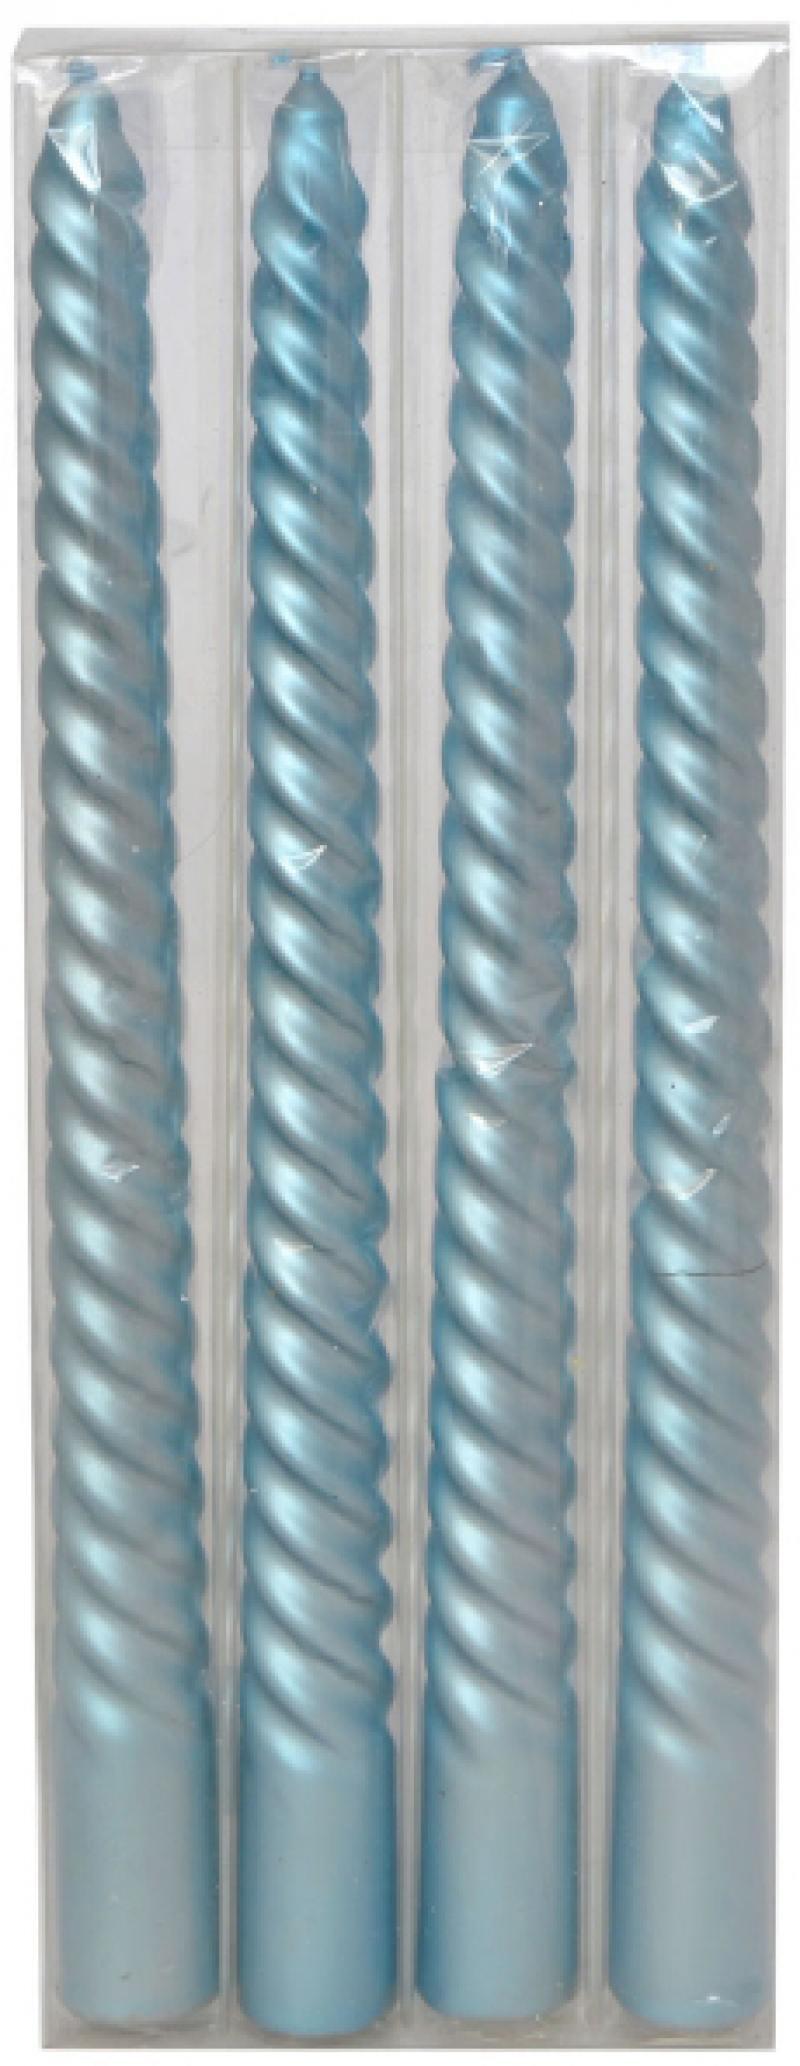 Набор свечей КЛАССИКА, голубые, 24,5*2,3 см, 4 шт в прозрач.кор, парафин набор свечей winter wings классика цвет голубой высота 25 см 4 шт